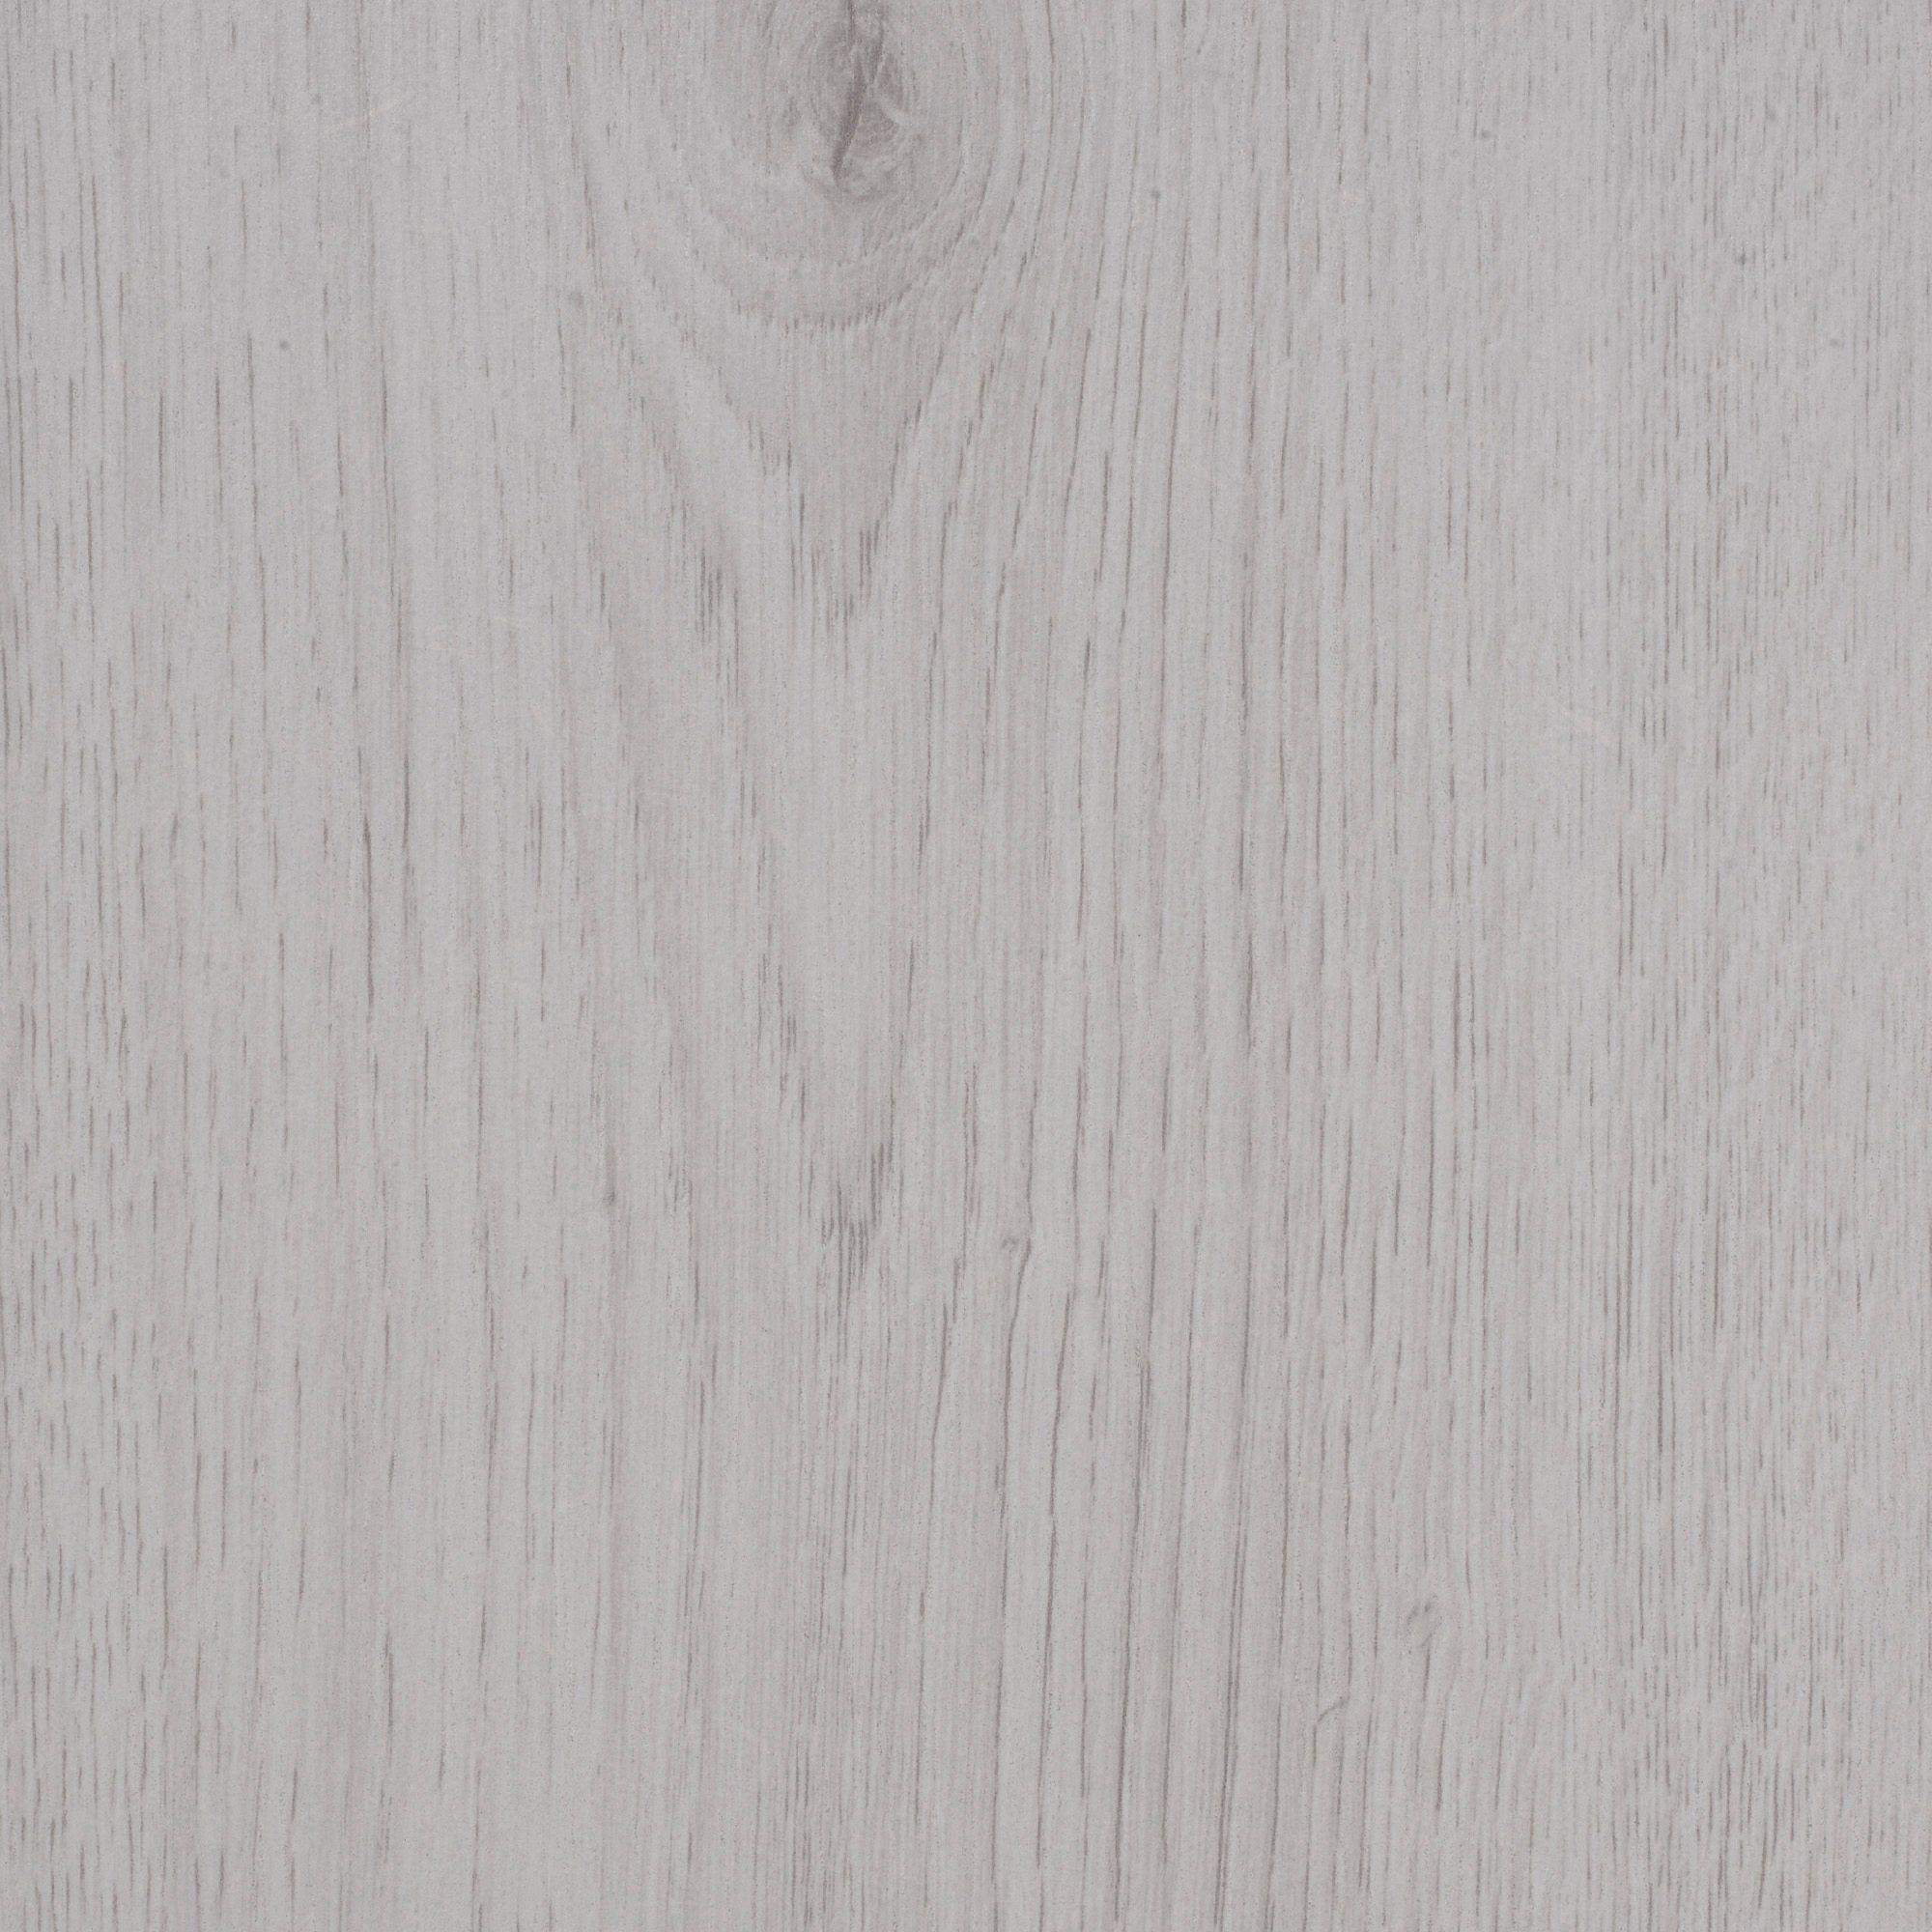 BODENMEISTER  Laminat »Topflor«, Landhausdielenoptik Eiche-Nachbildung Weiß